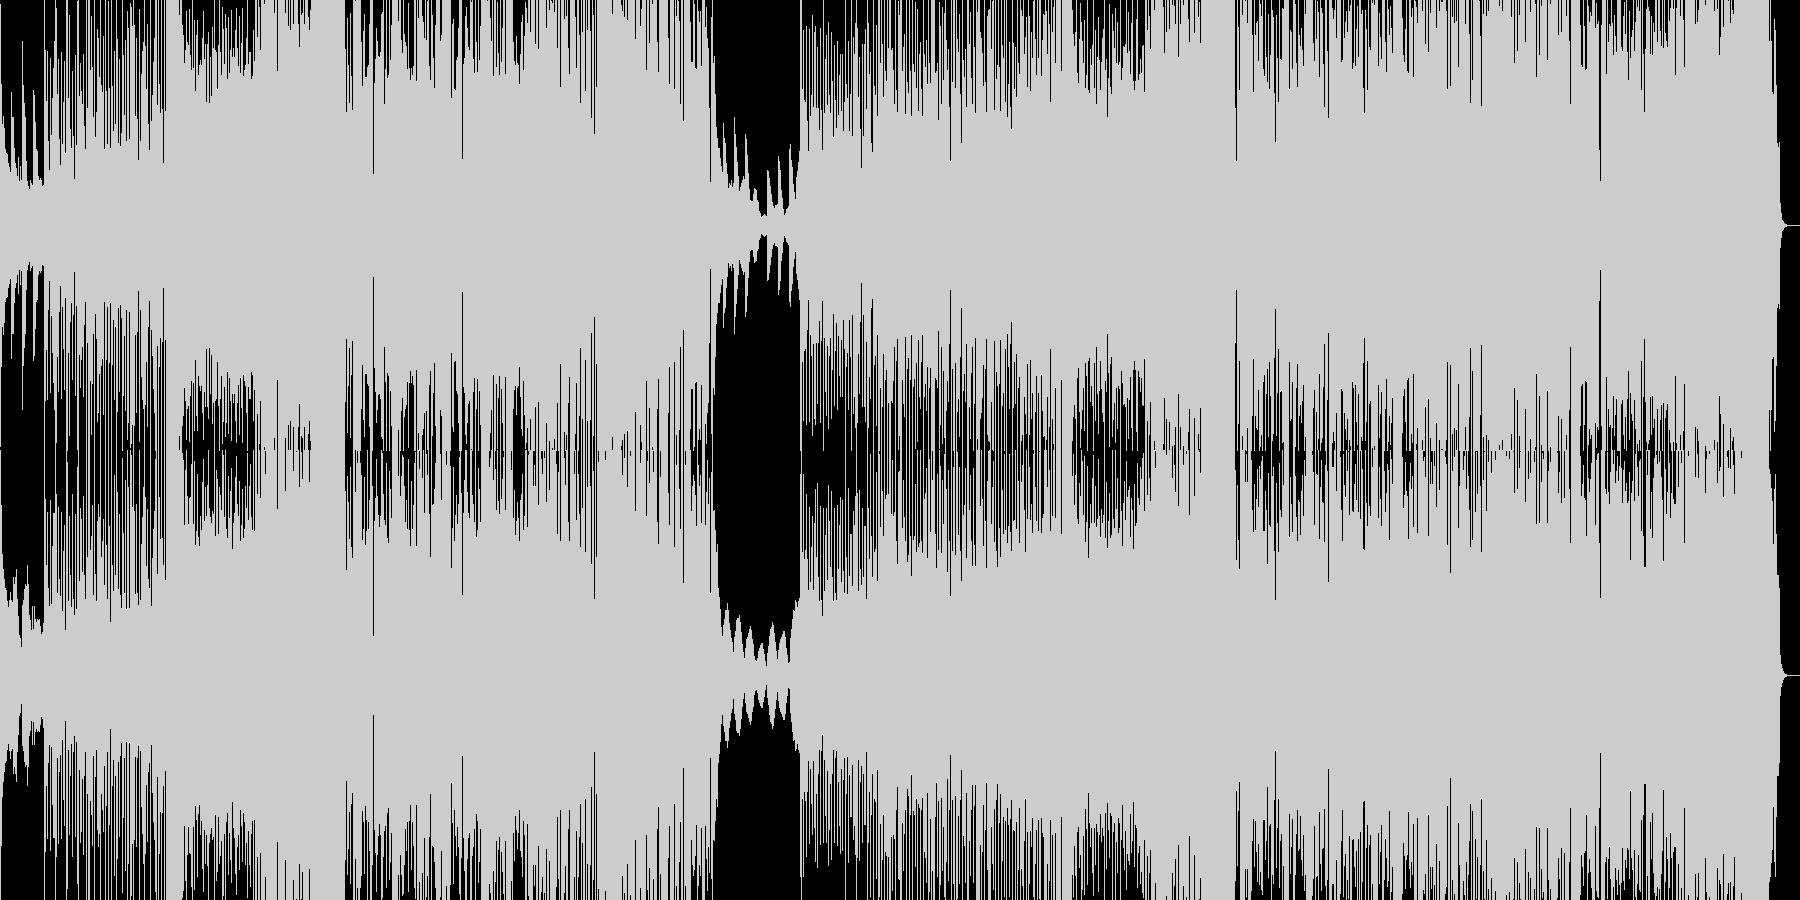 キラキラした感じのフューチャーベースの未再生の波形